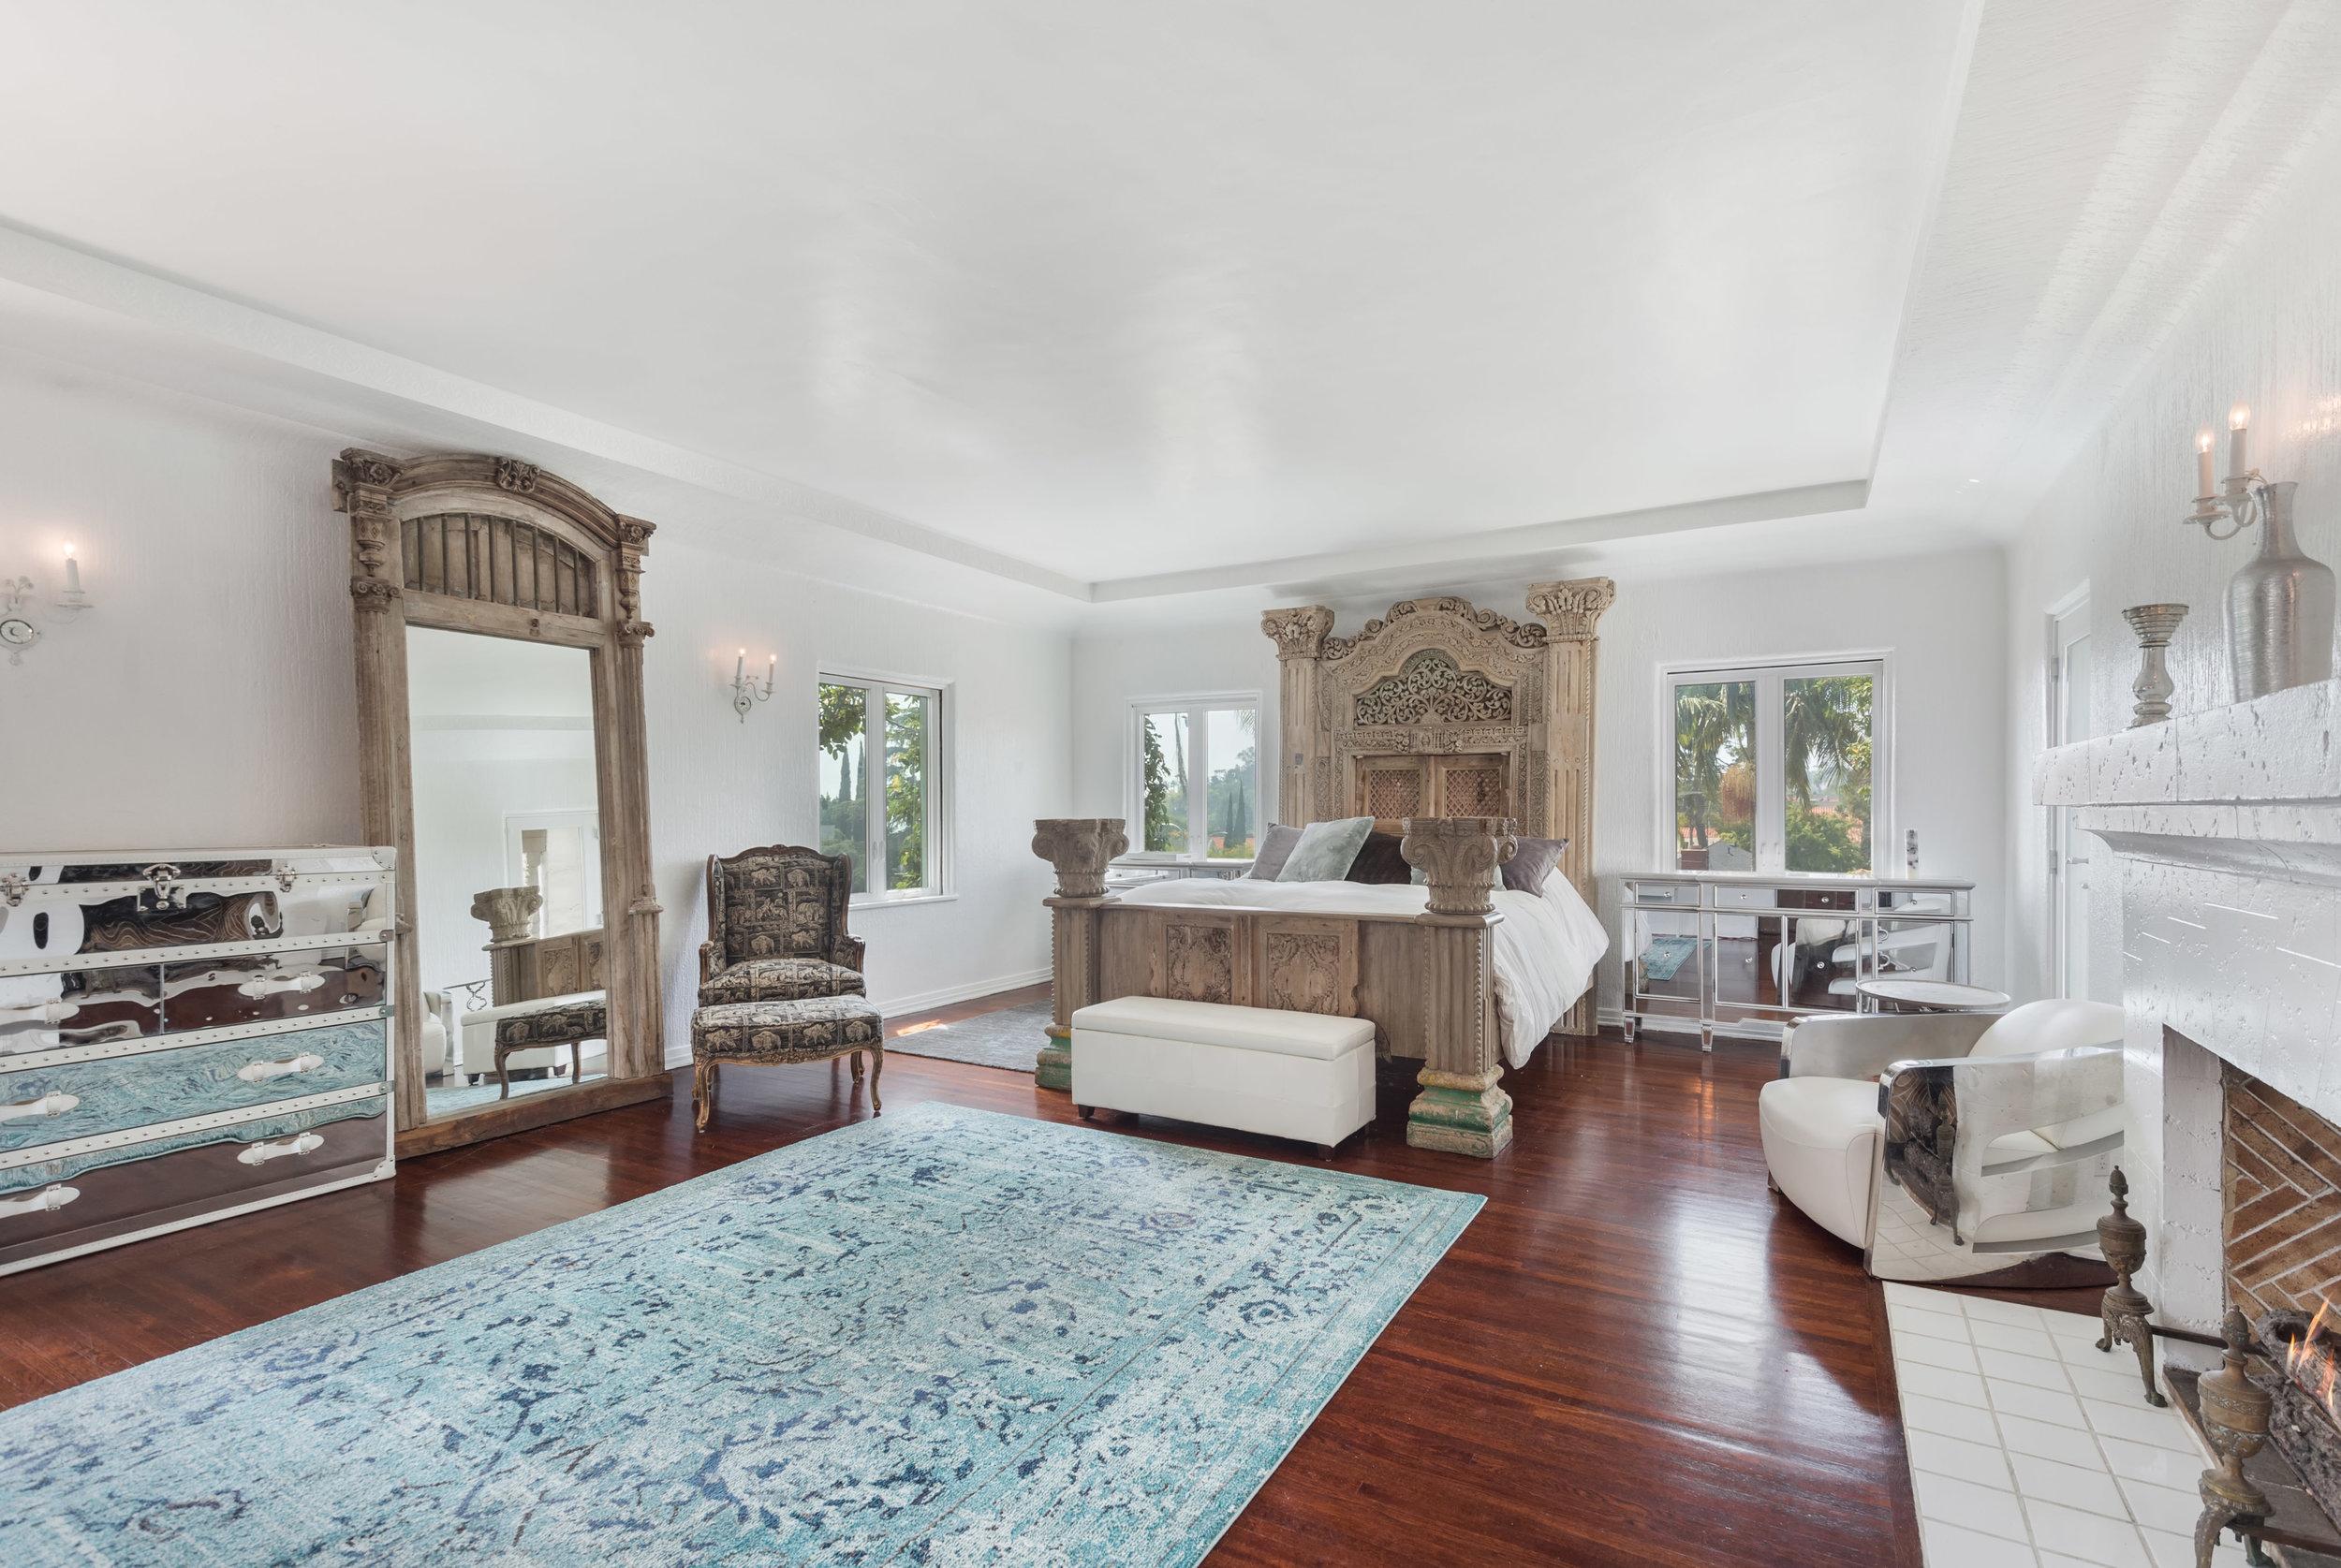 013 Master Bedroom 006 Pool 4915 Los Feliz For Sale Los Angeles Lease The Malibu Life Team Luxury Real Estate.jpg